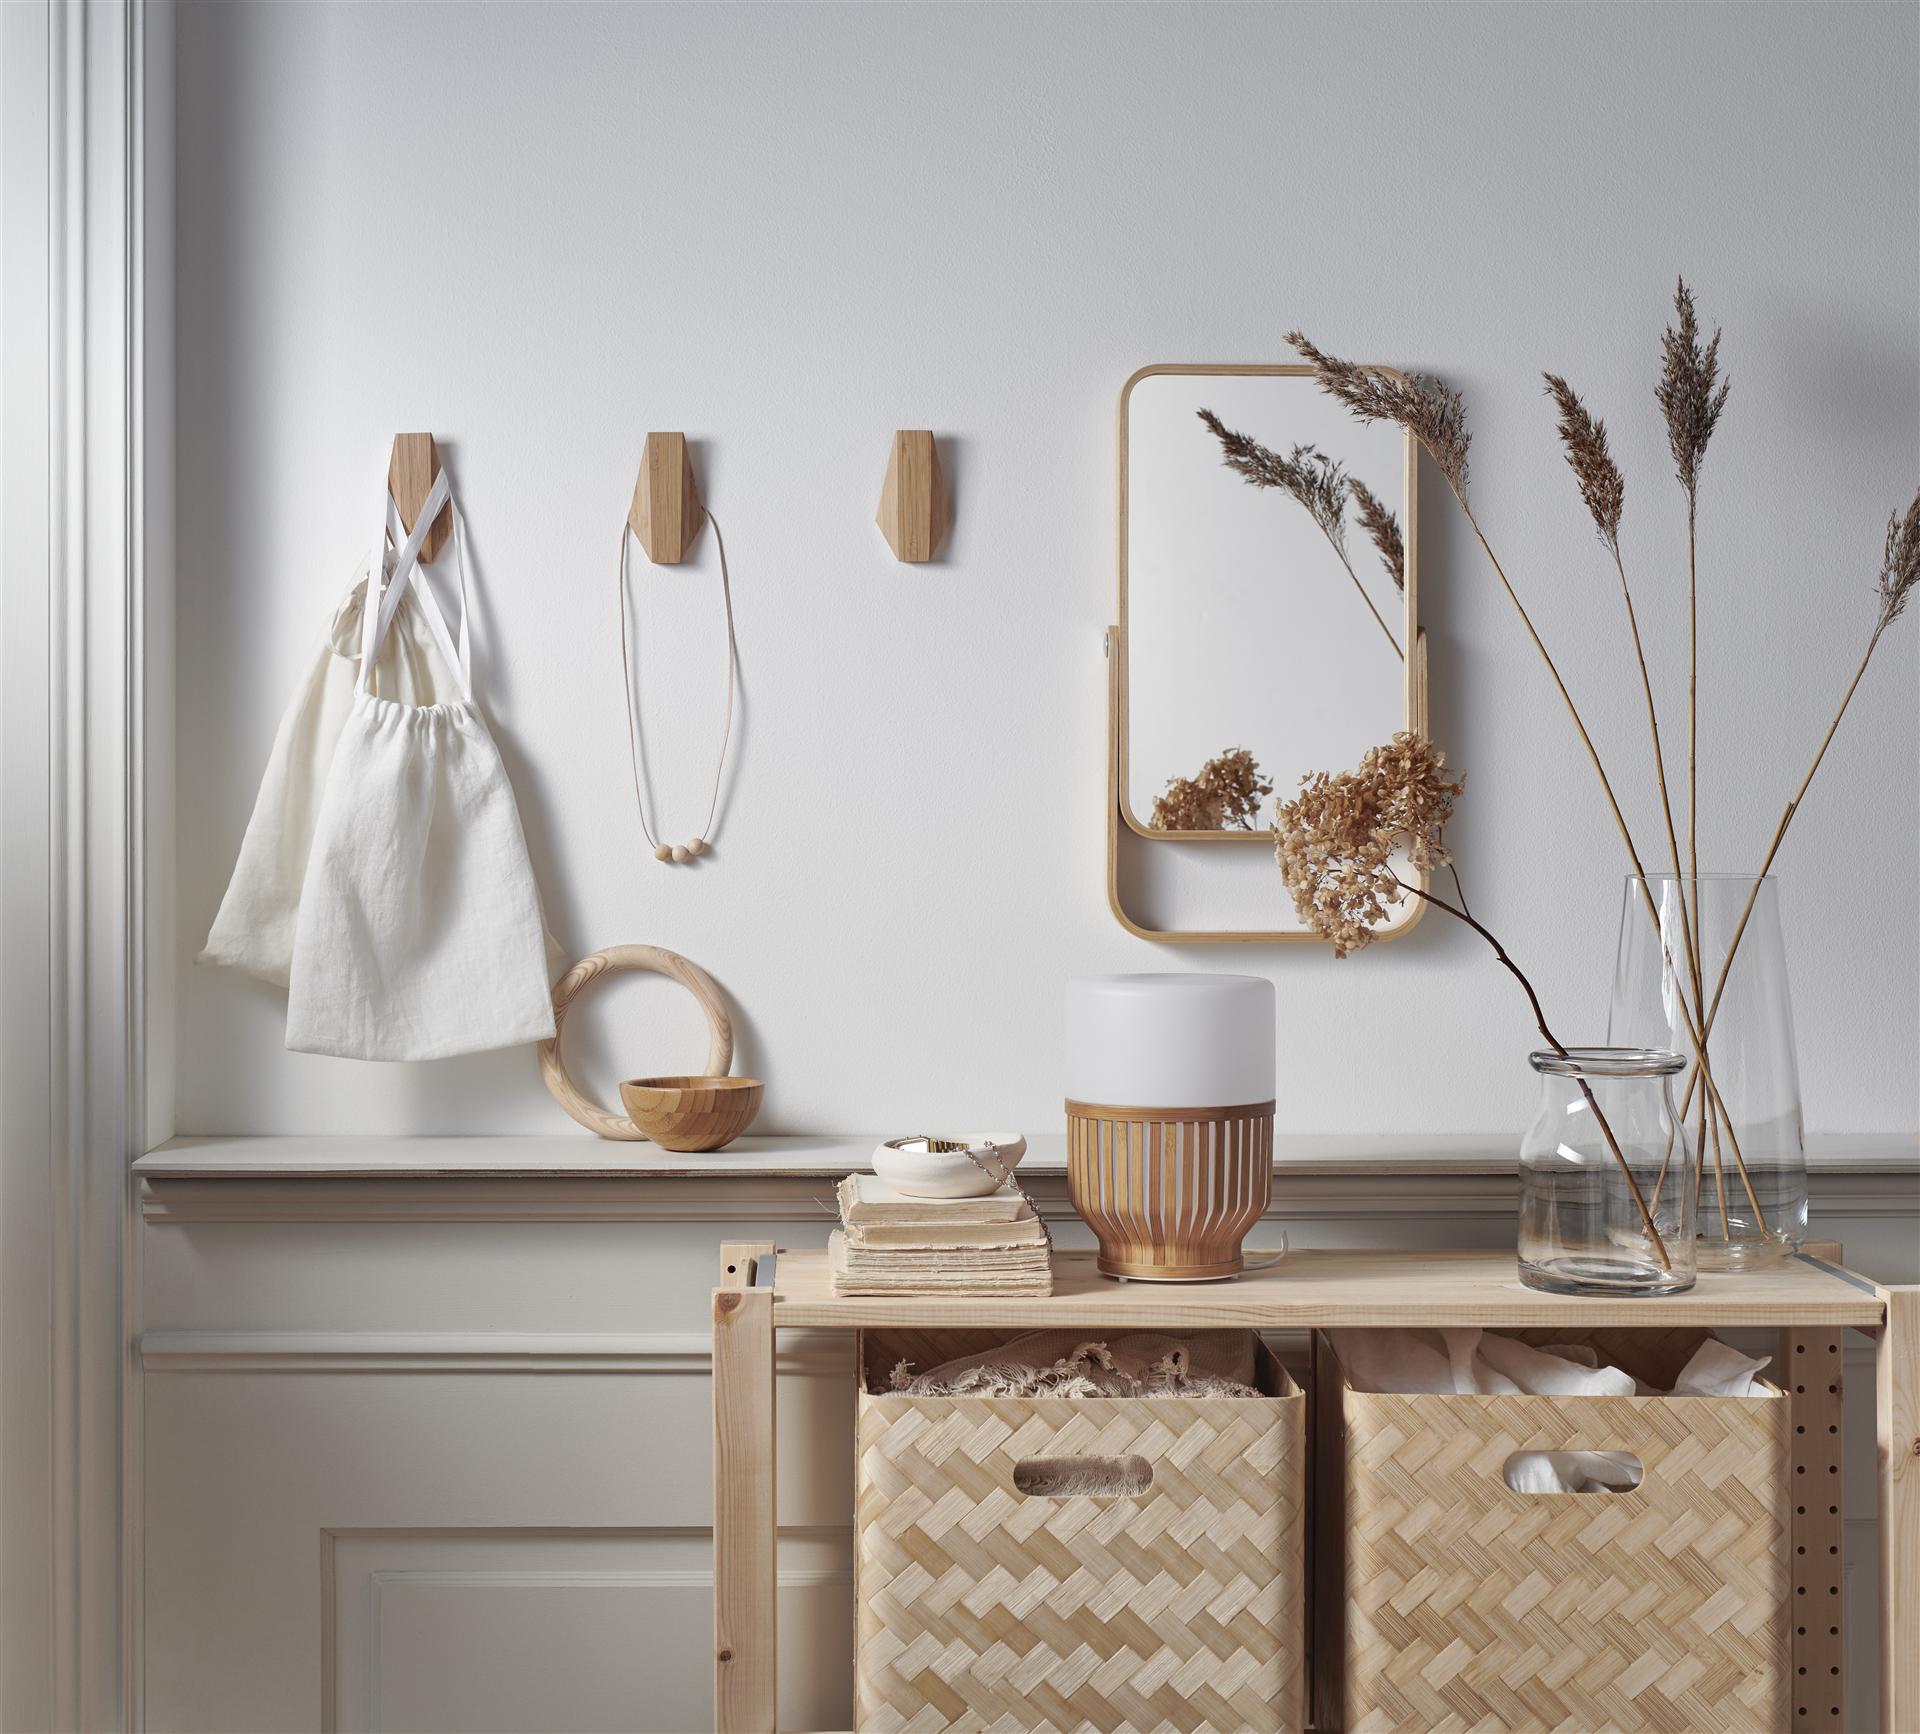 Ikea Moveis E Decoracao Tudo Para A Sua Casa Ikea Ideen Dekor Zen Dekoration